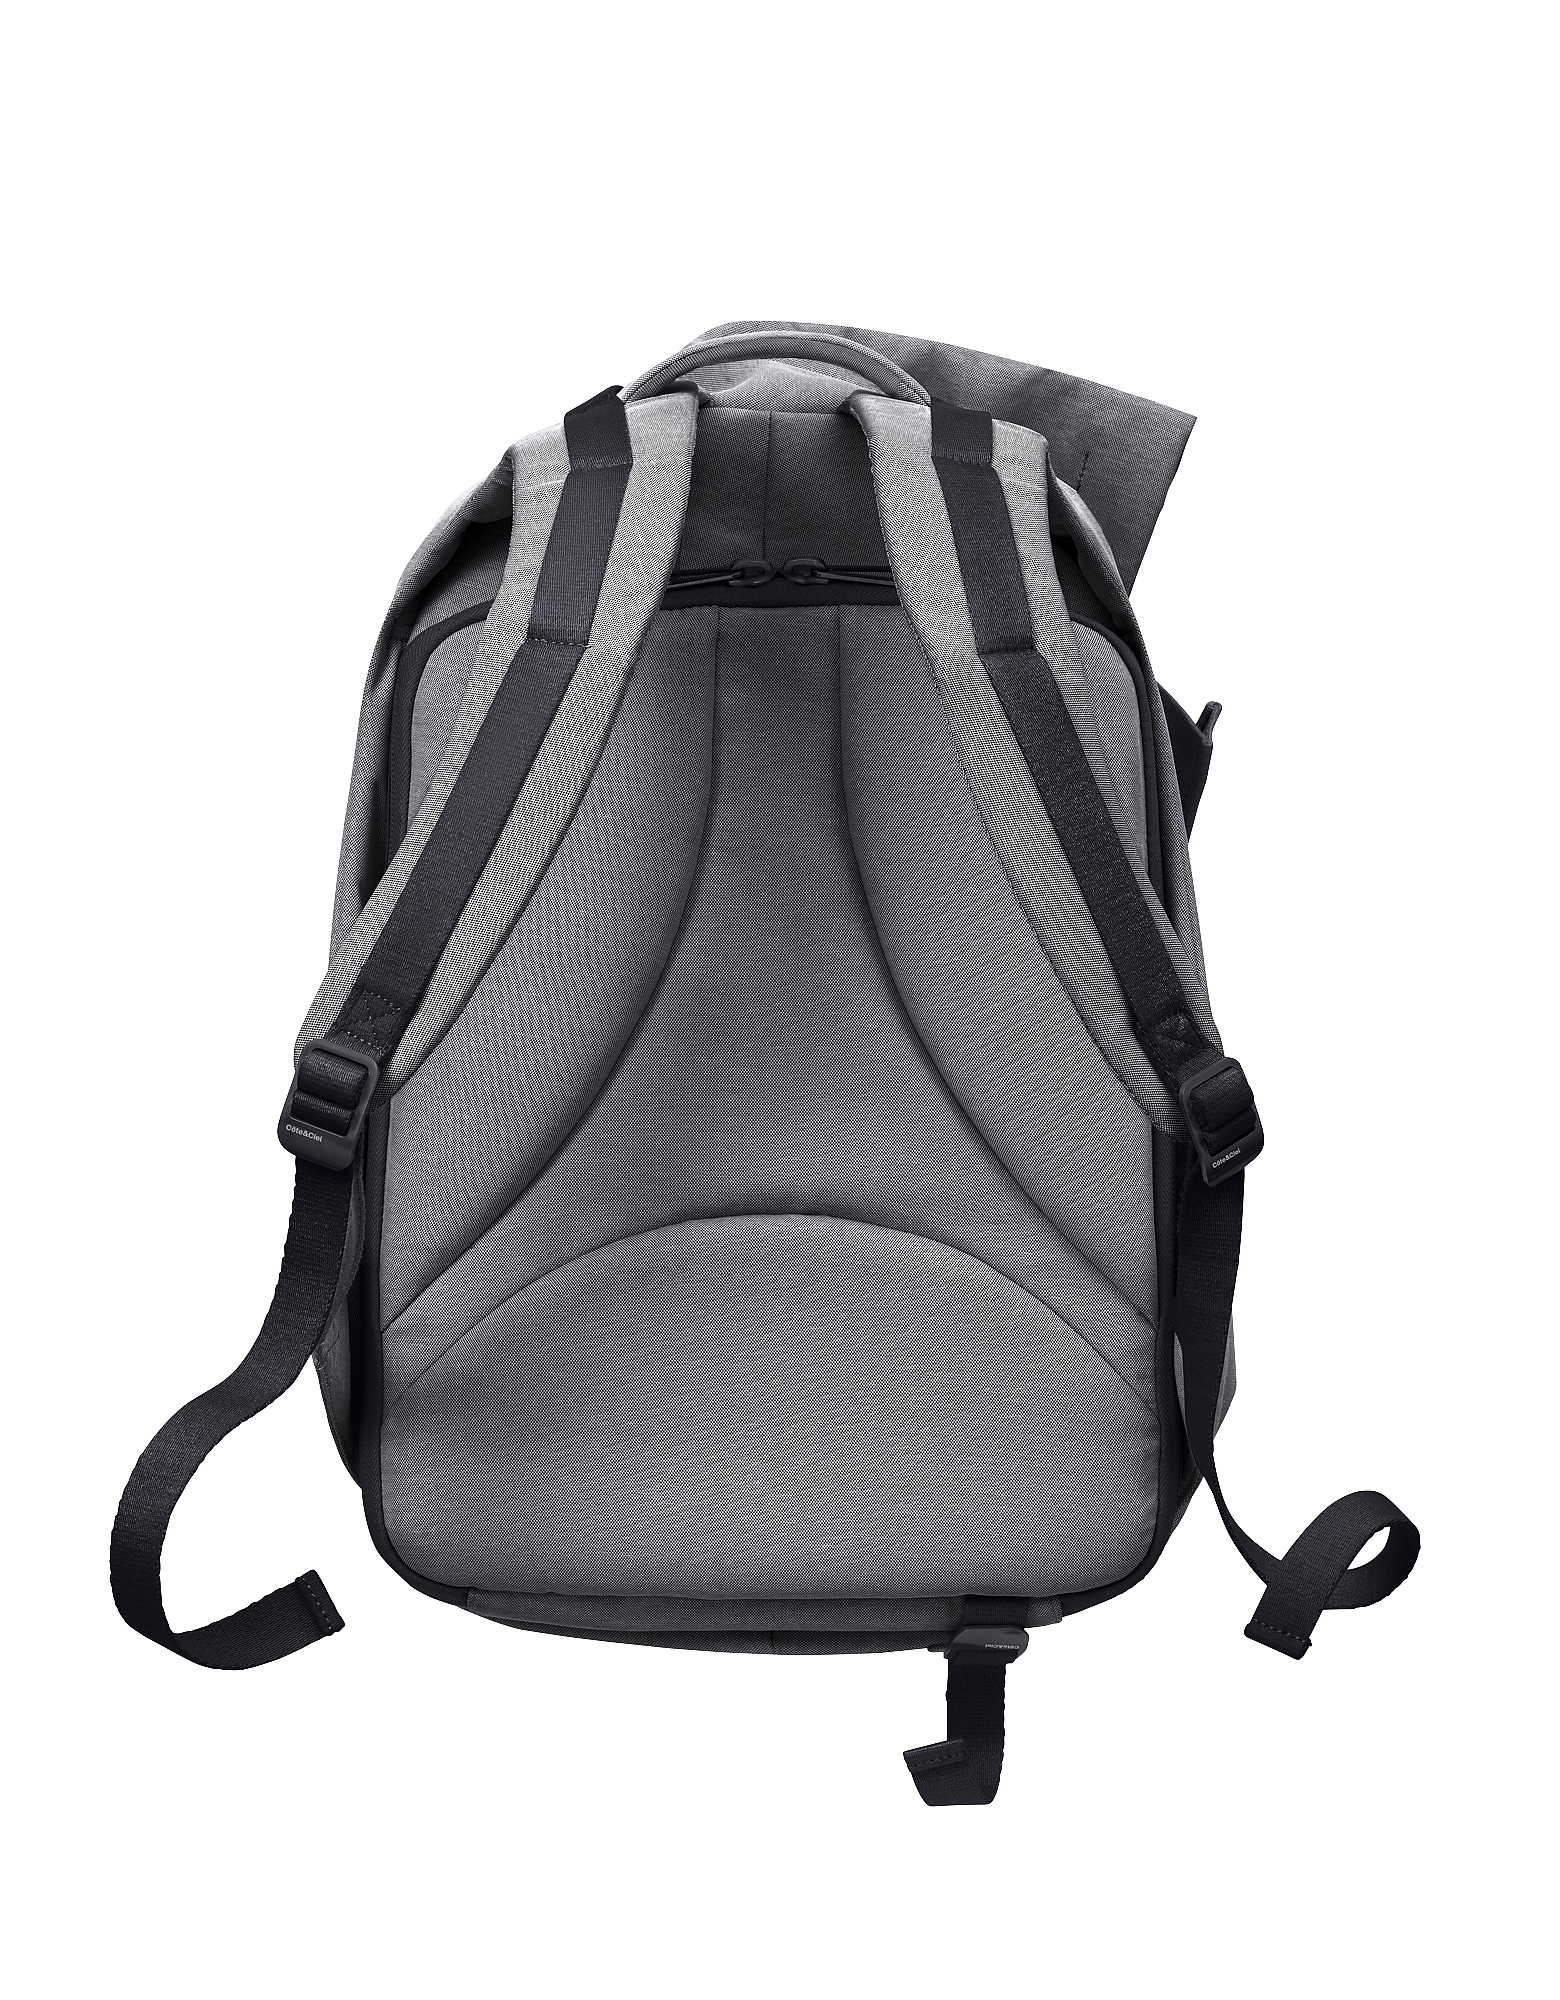 Côte & Ciel   серый Isar - Черный Меланжевый Рюкзак Среднего Размера из Ткани   Clouty